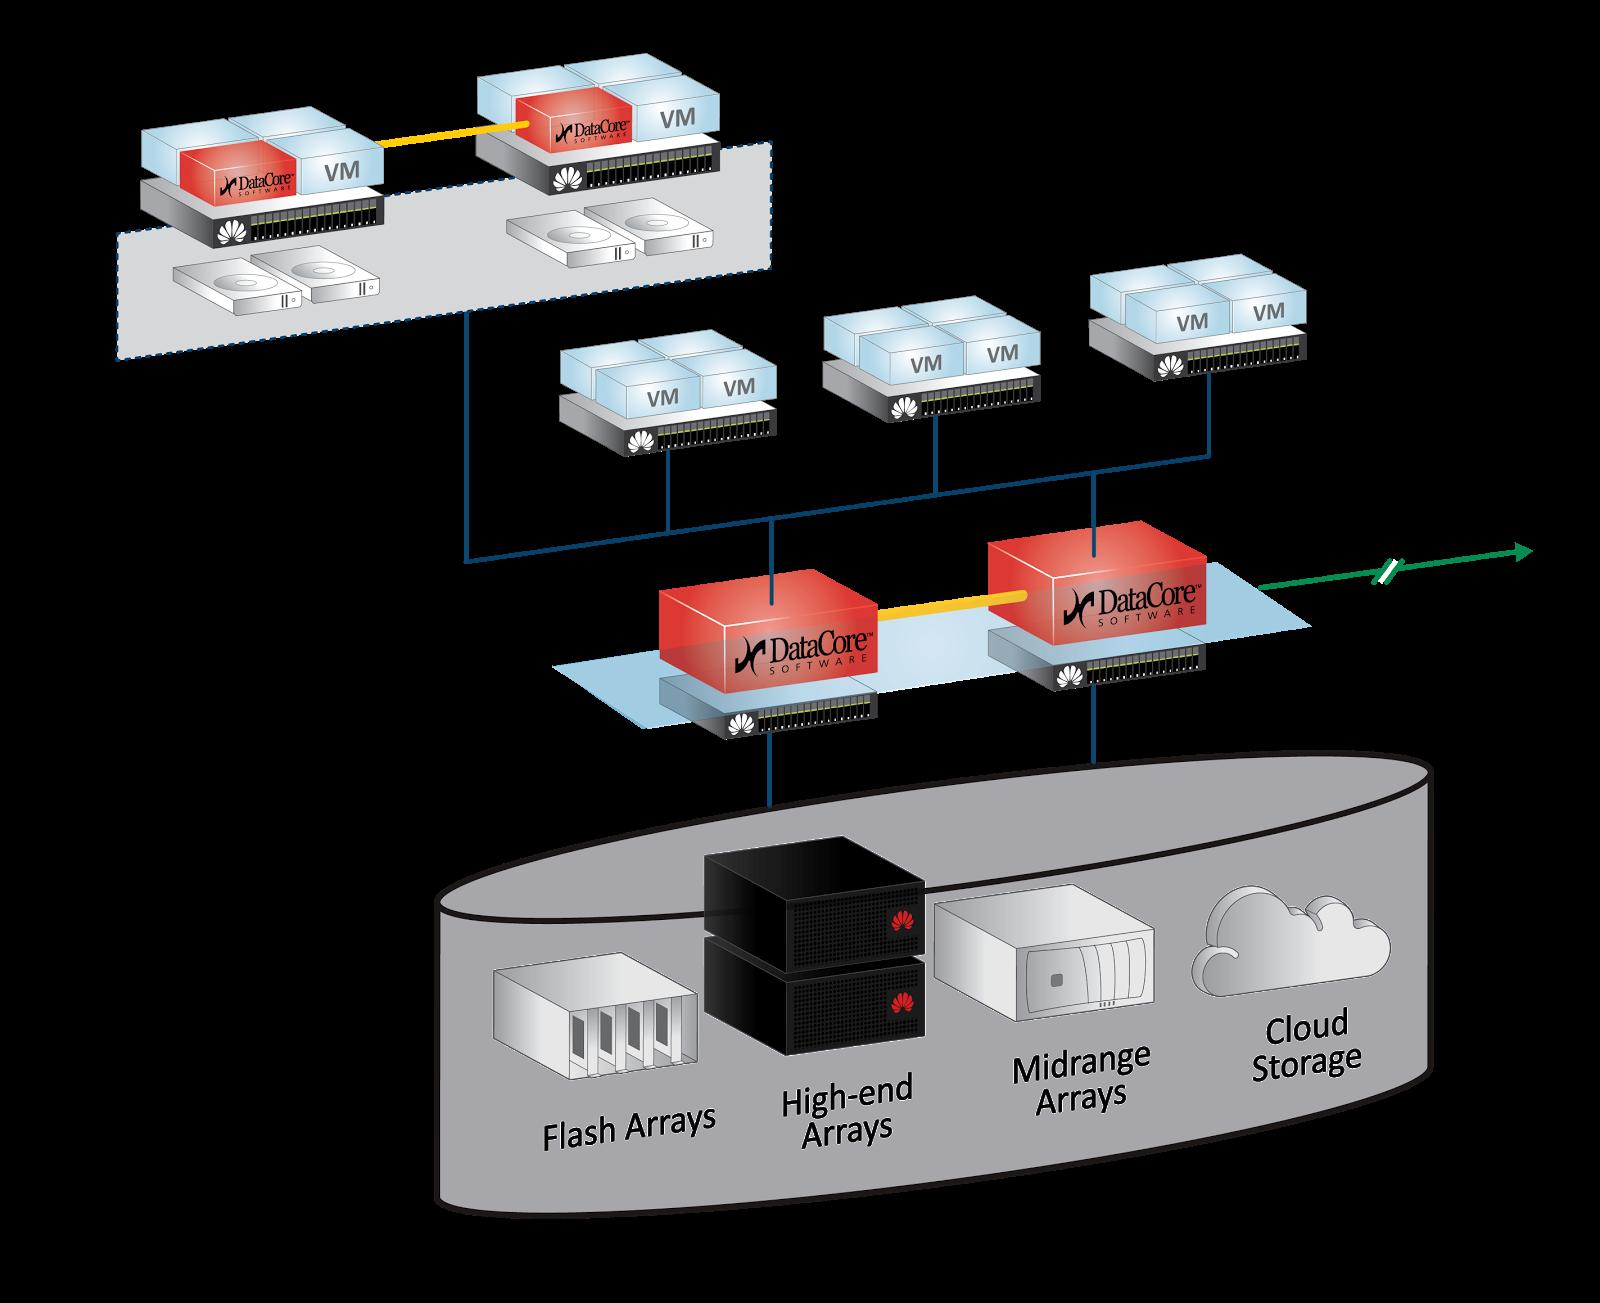 Anwendungsszenarien für Huawei DataCore Hyper Converged Lösungen